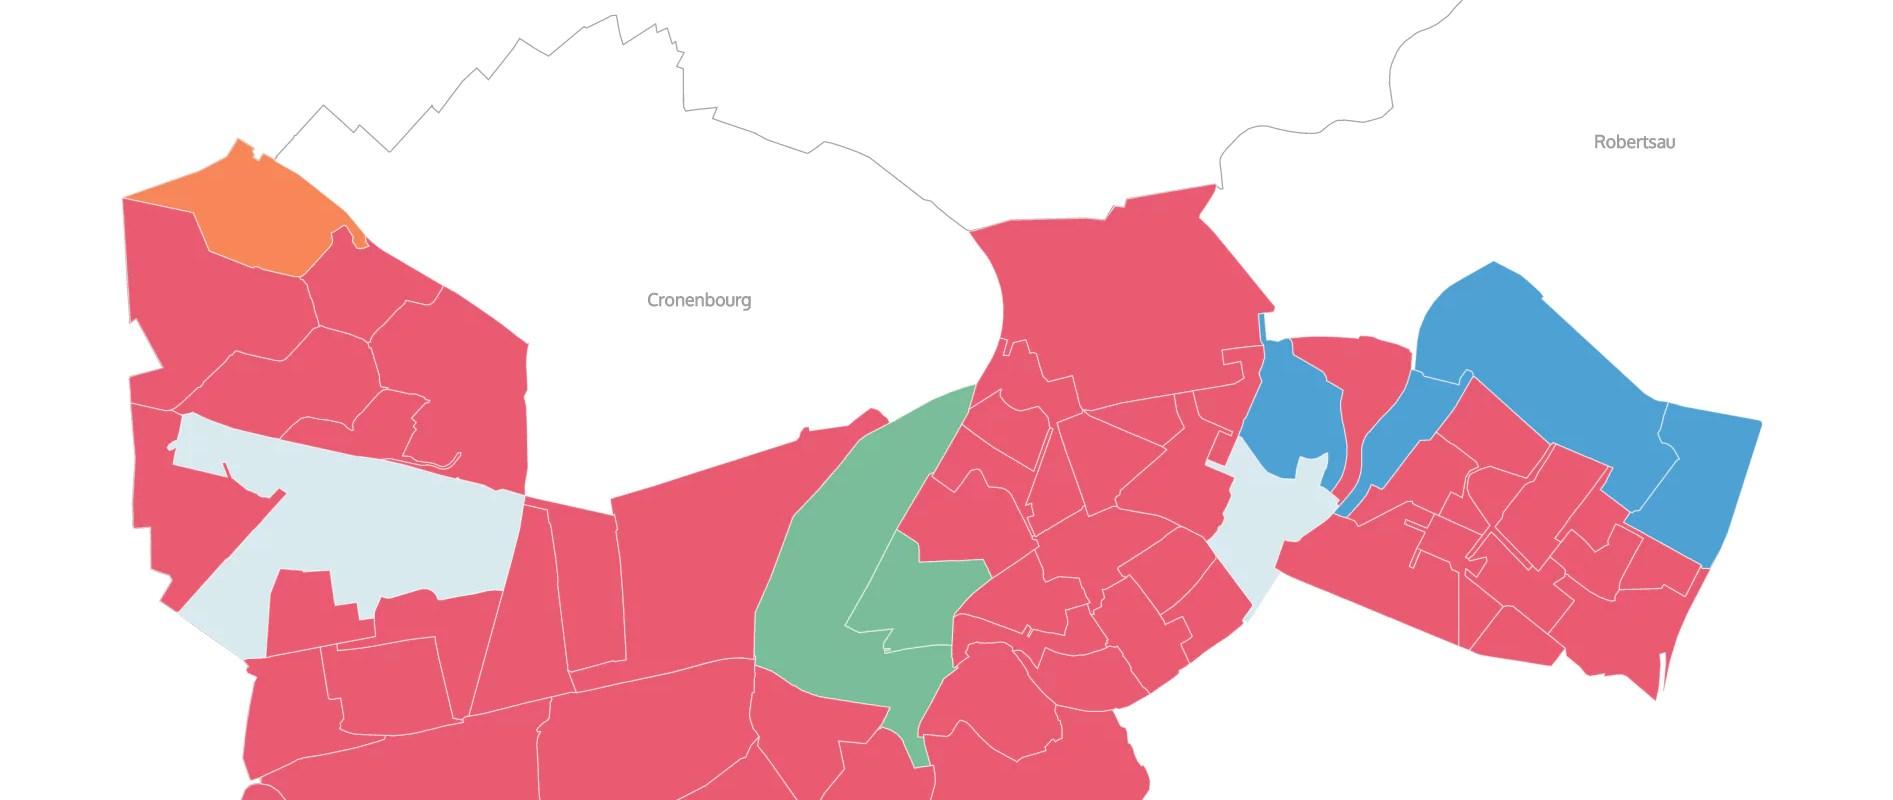 Législative partielle : Eric Elkouby en tête du premier tour avec 30% des voix